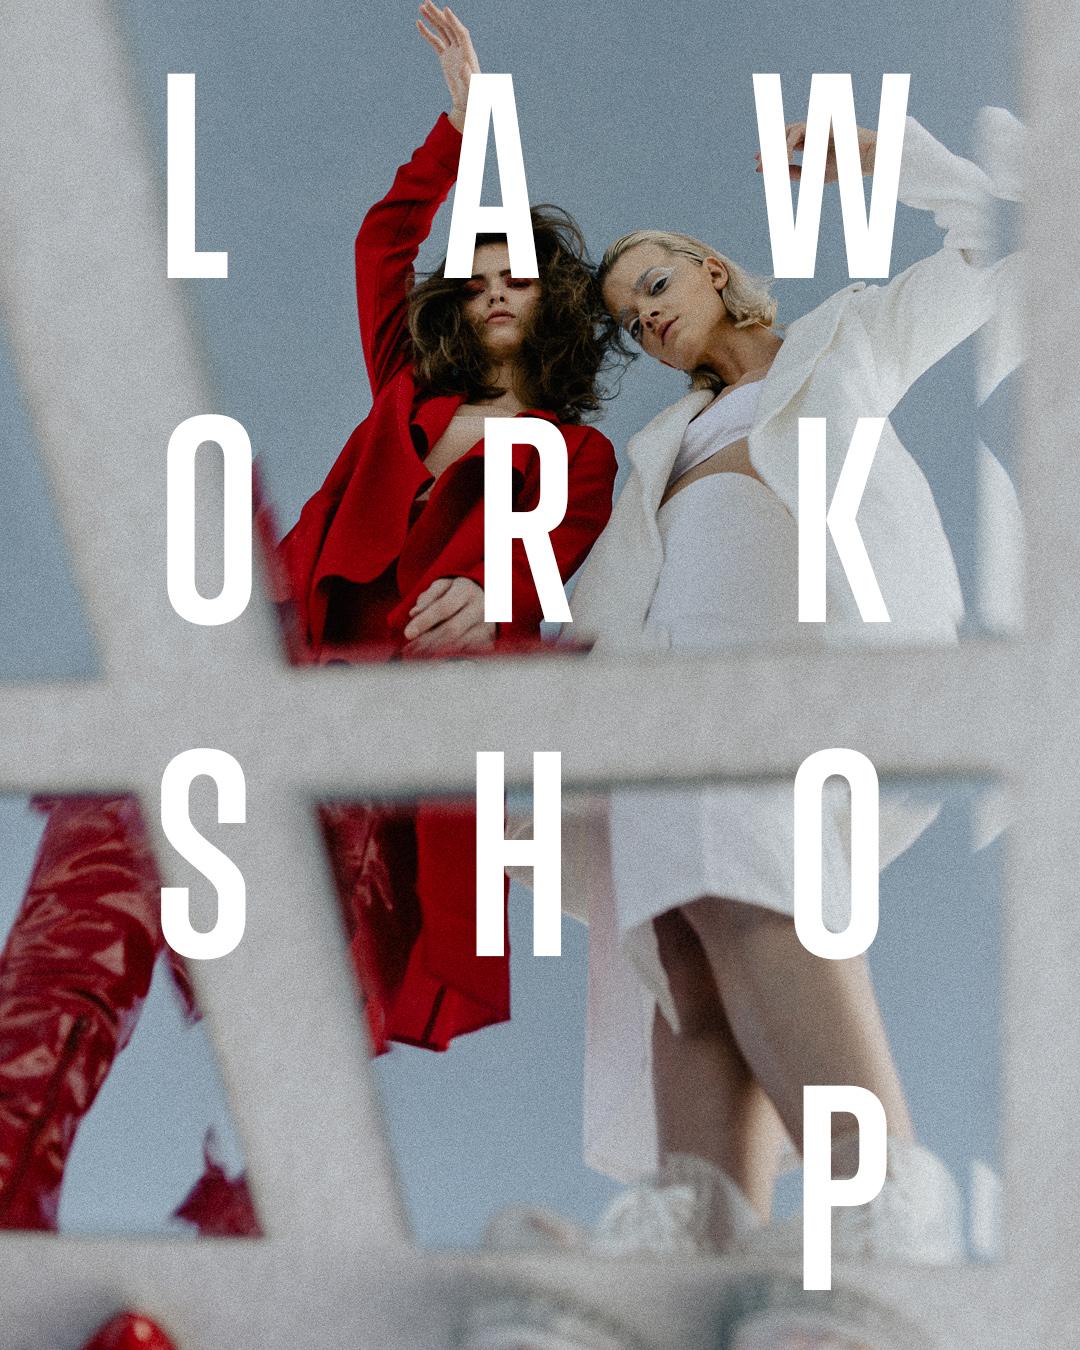 la workshop poster.jpg